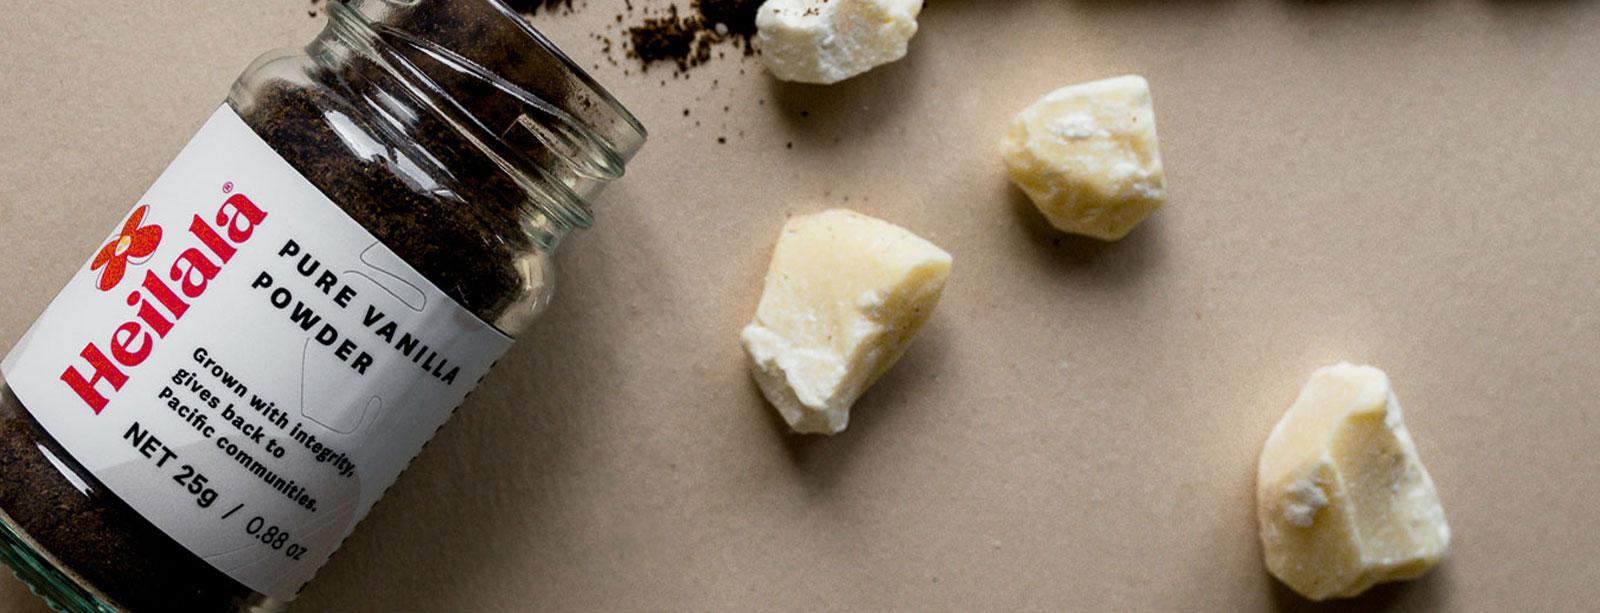 Vanilla...that's not so vanilla